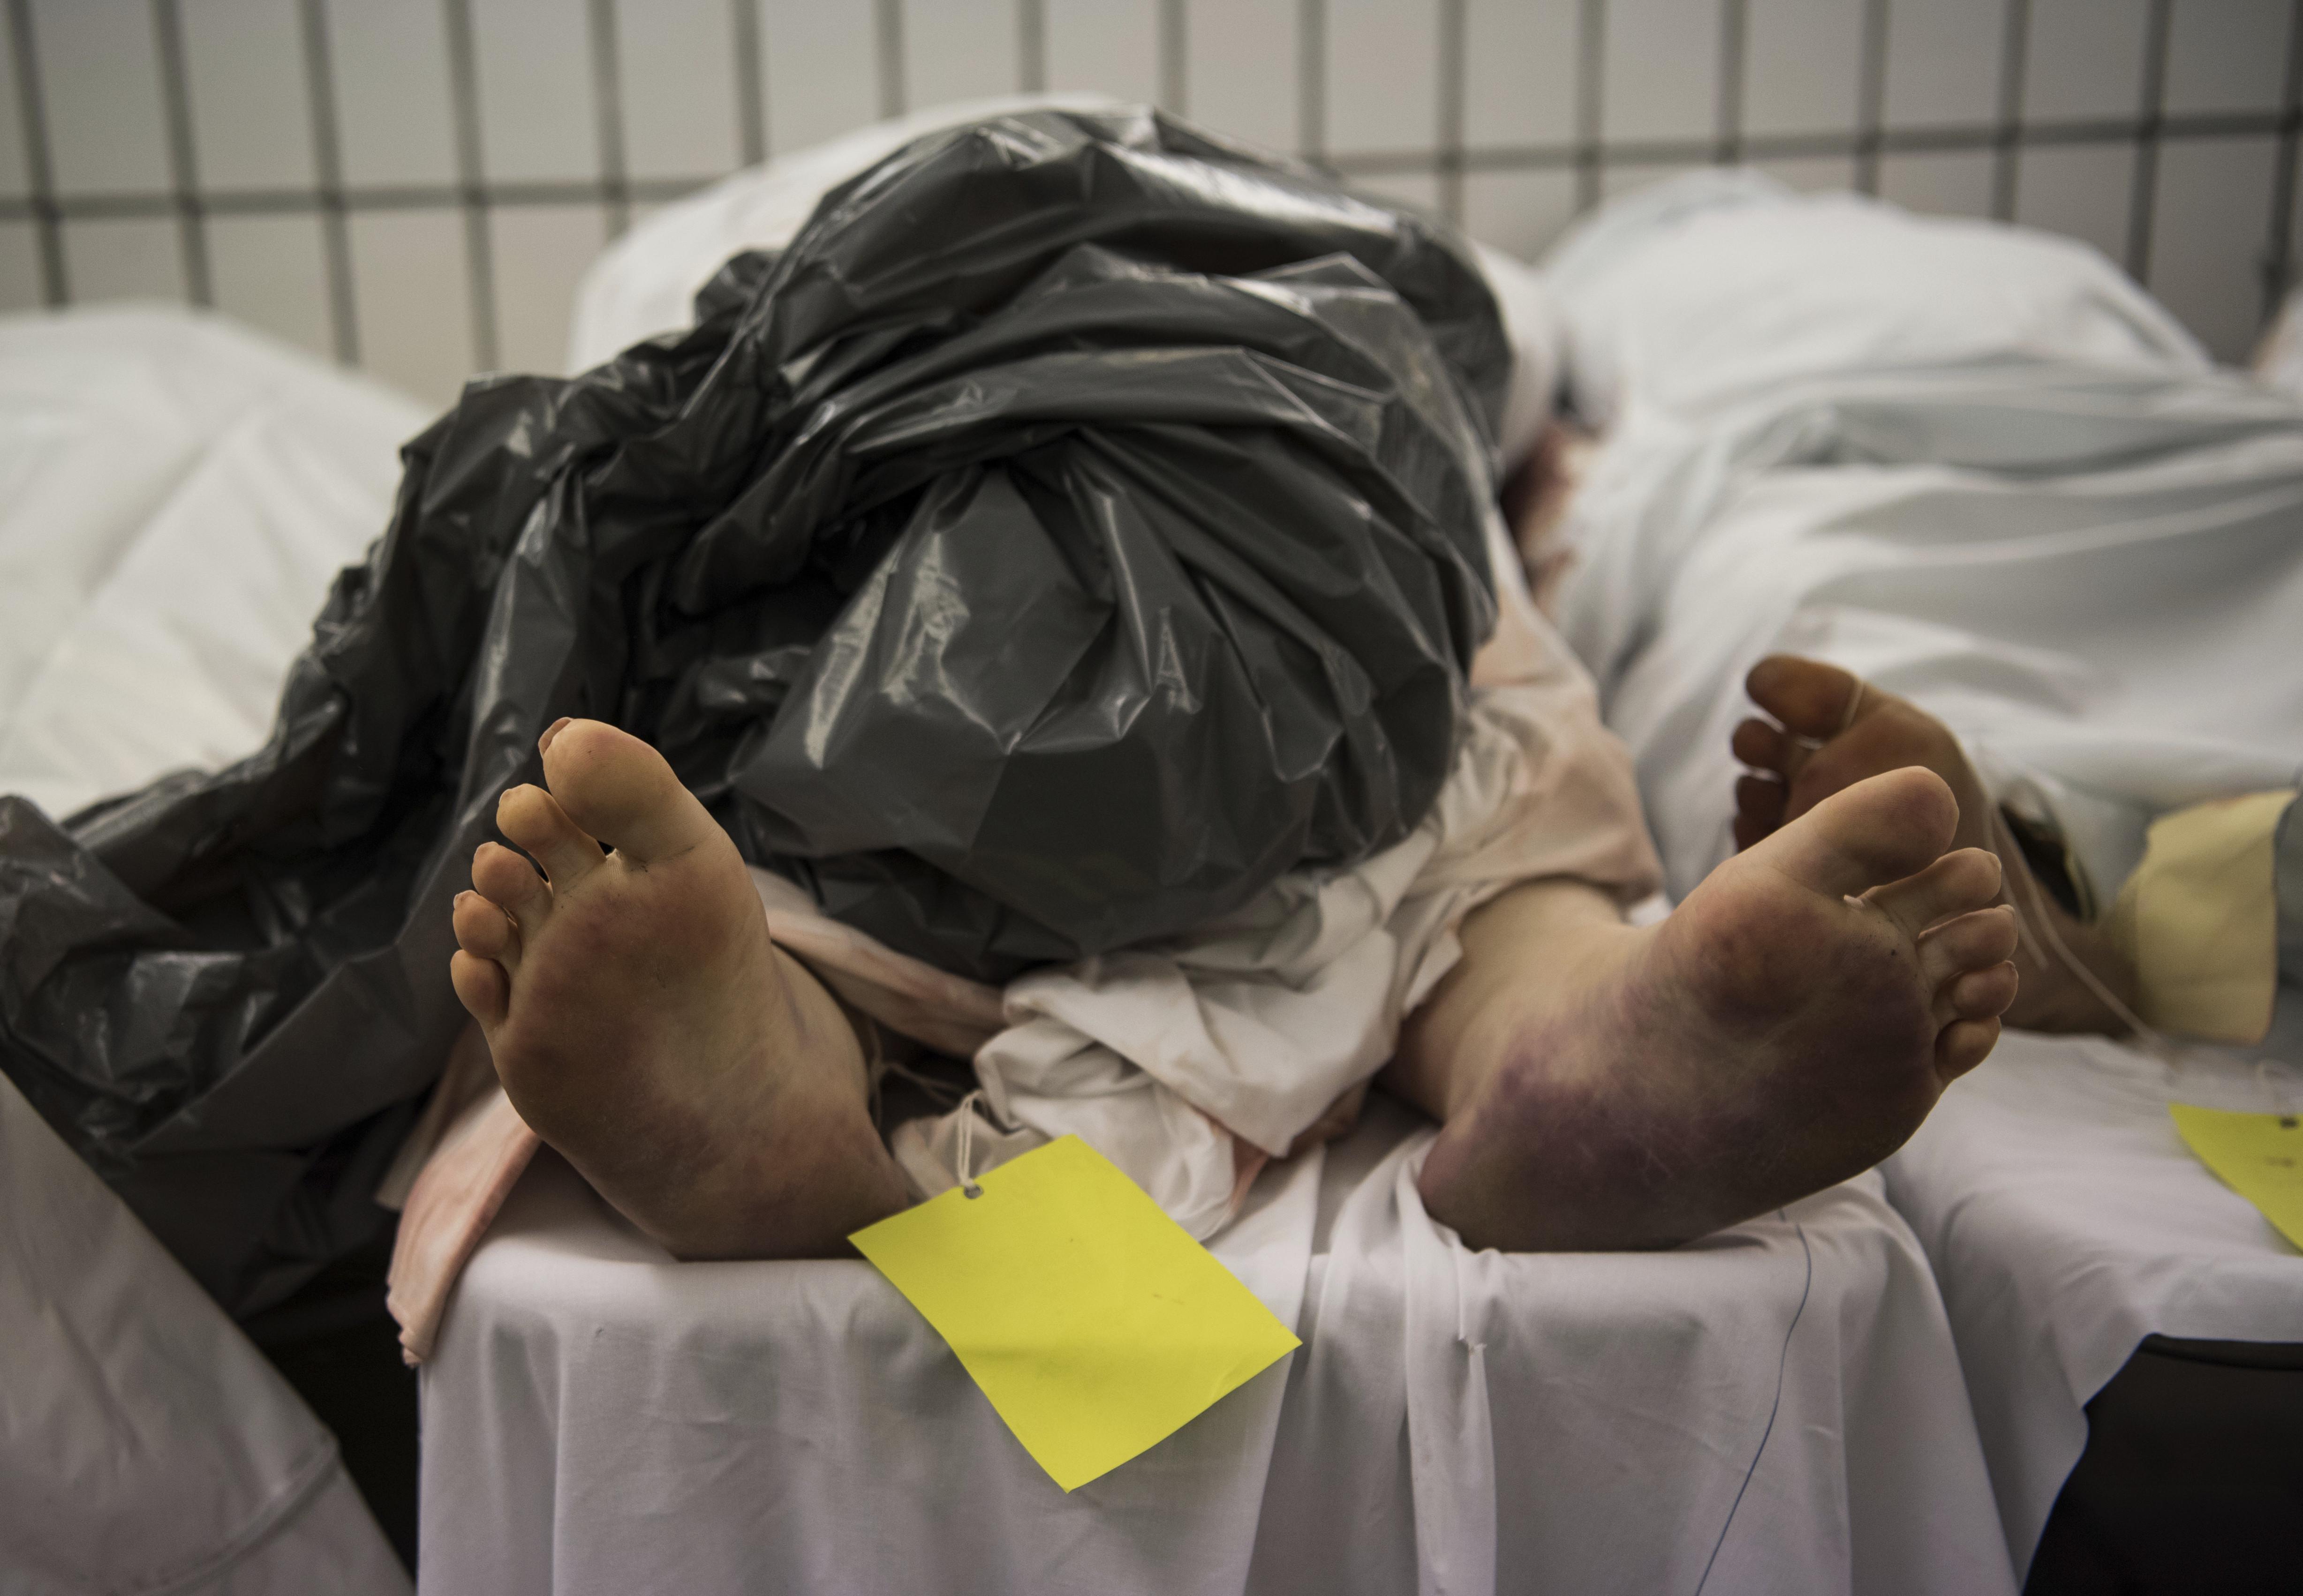 ▲▼屍體、遺體、殺人、行兇、殺害、太平間、停屍間。(圖/達志影像/美聯社)